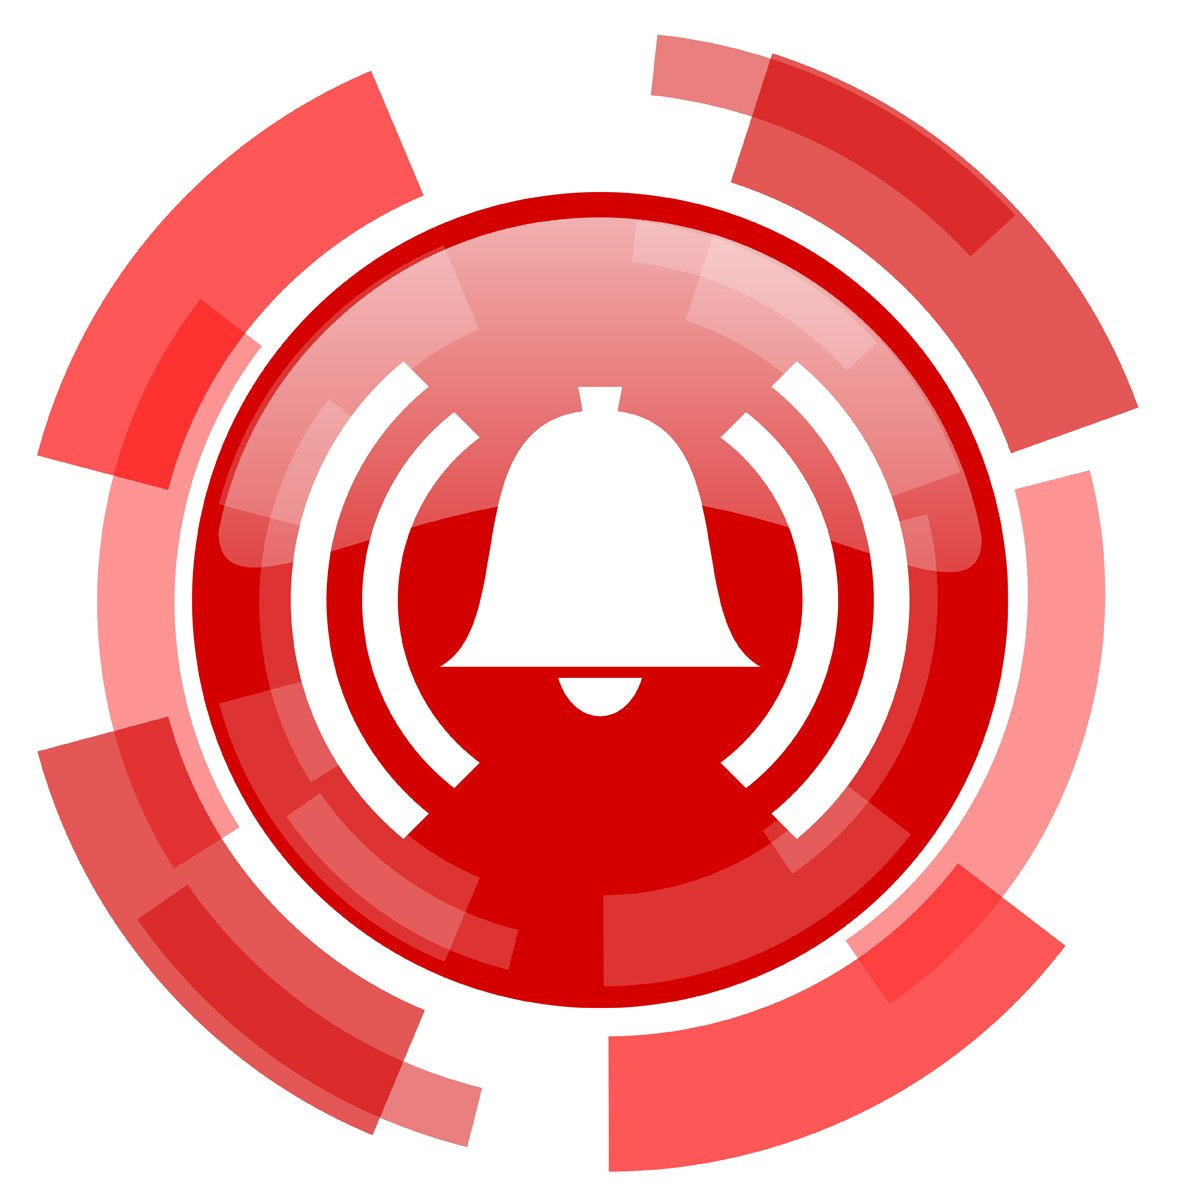 La importancia de contar con sistemas de seguridad efectivos en hogares y empresas